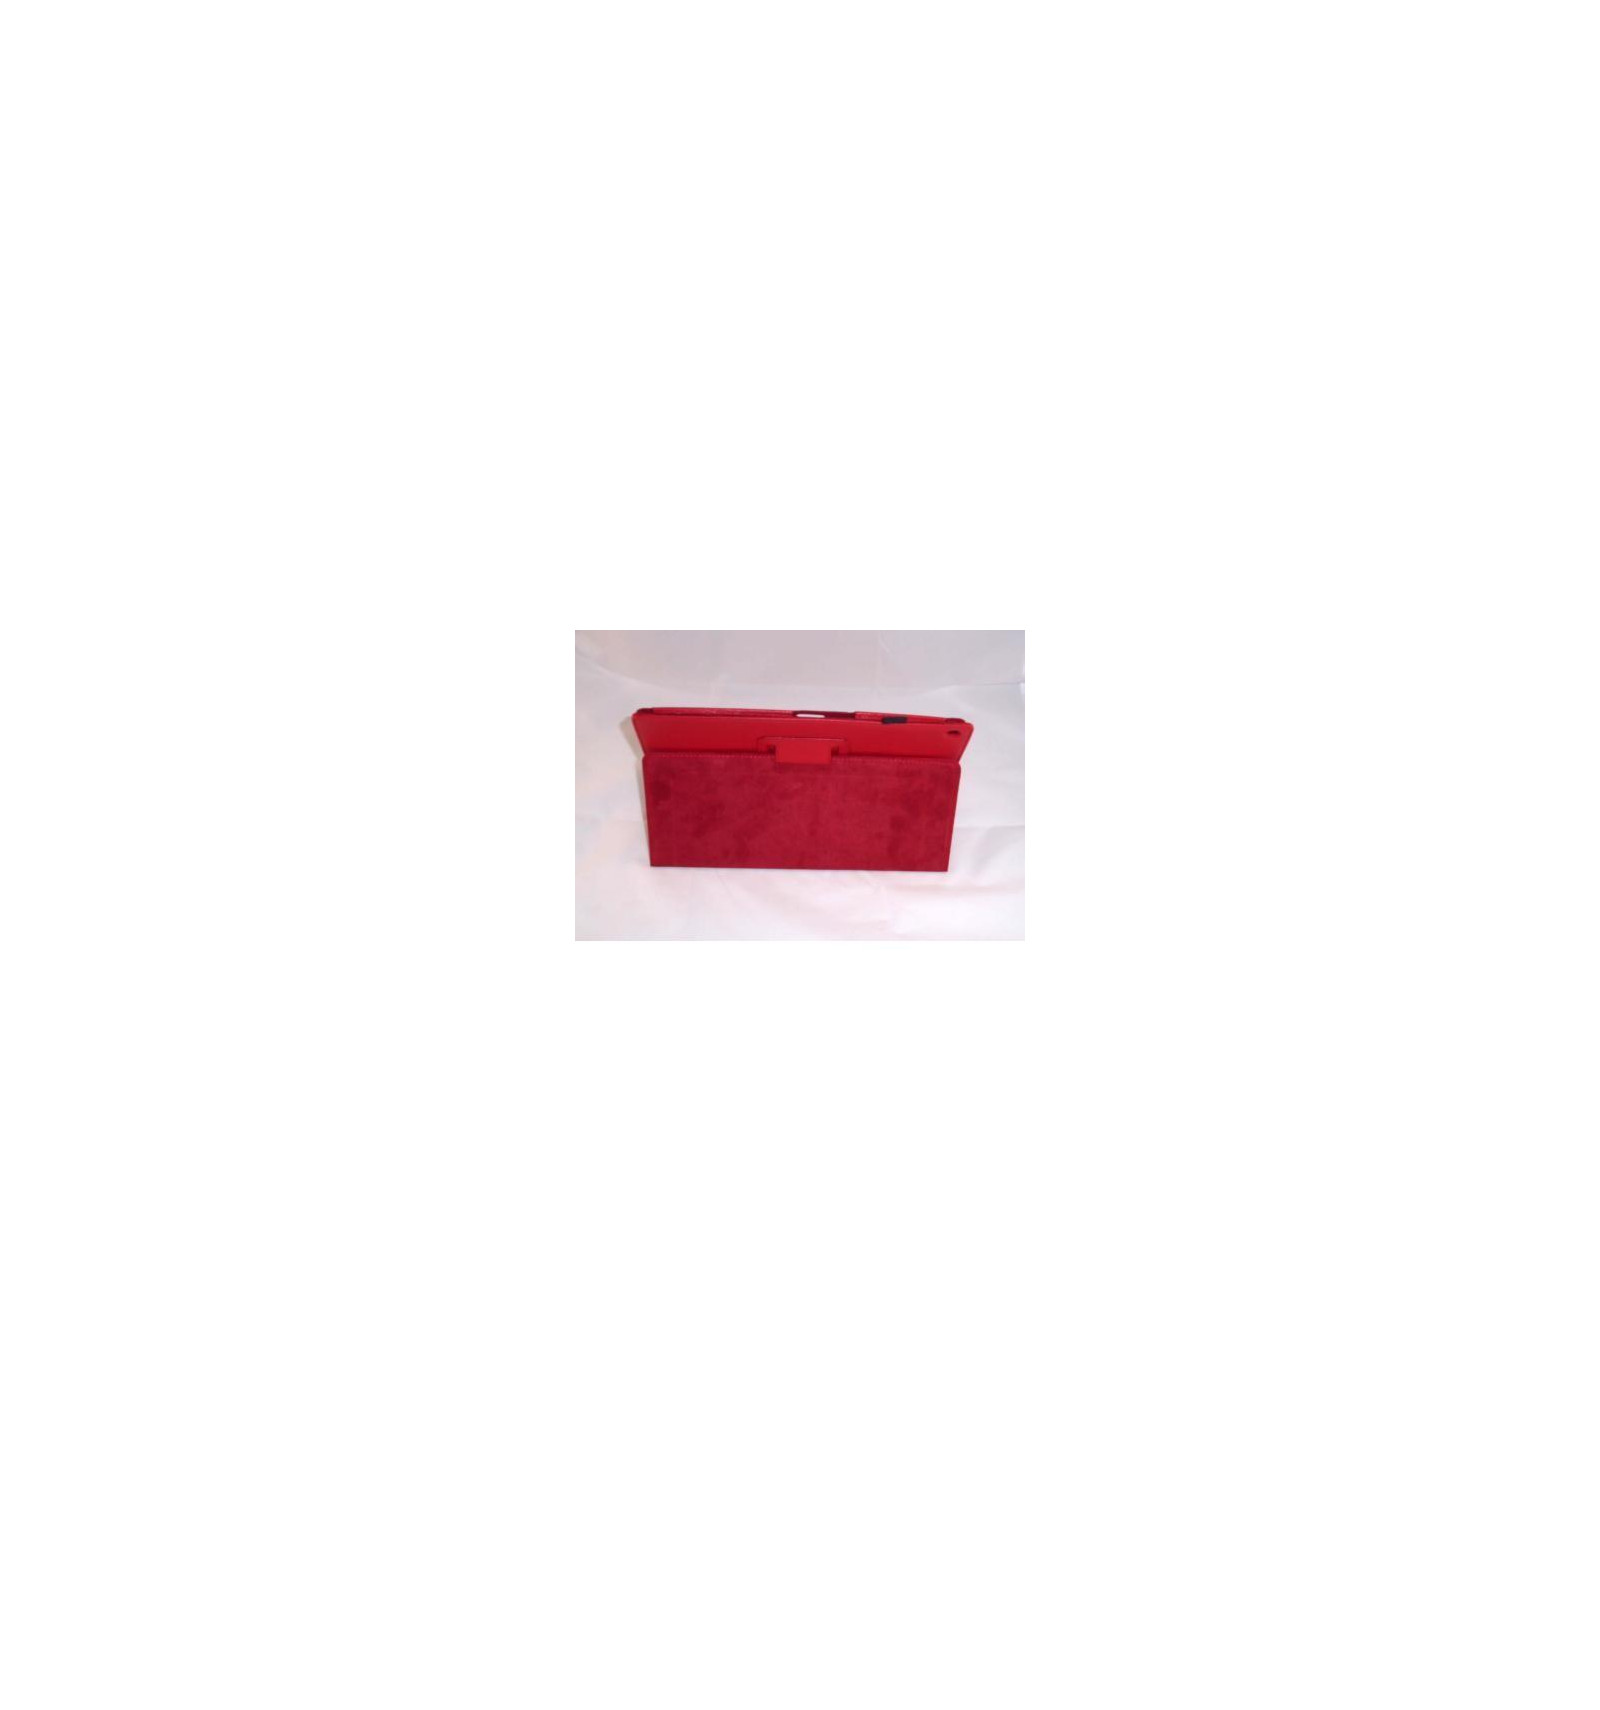 Funda de piel para tablet xperia z color rojo - Funda xperia z tablet ...